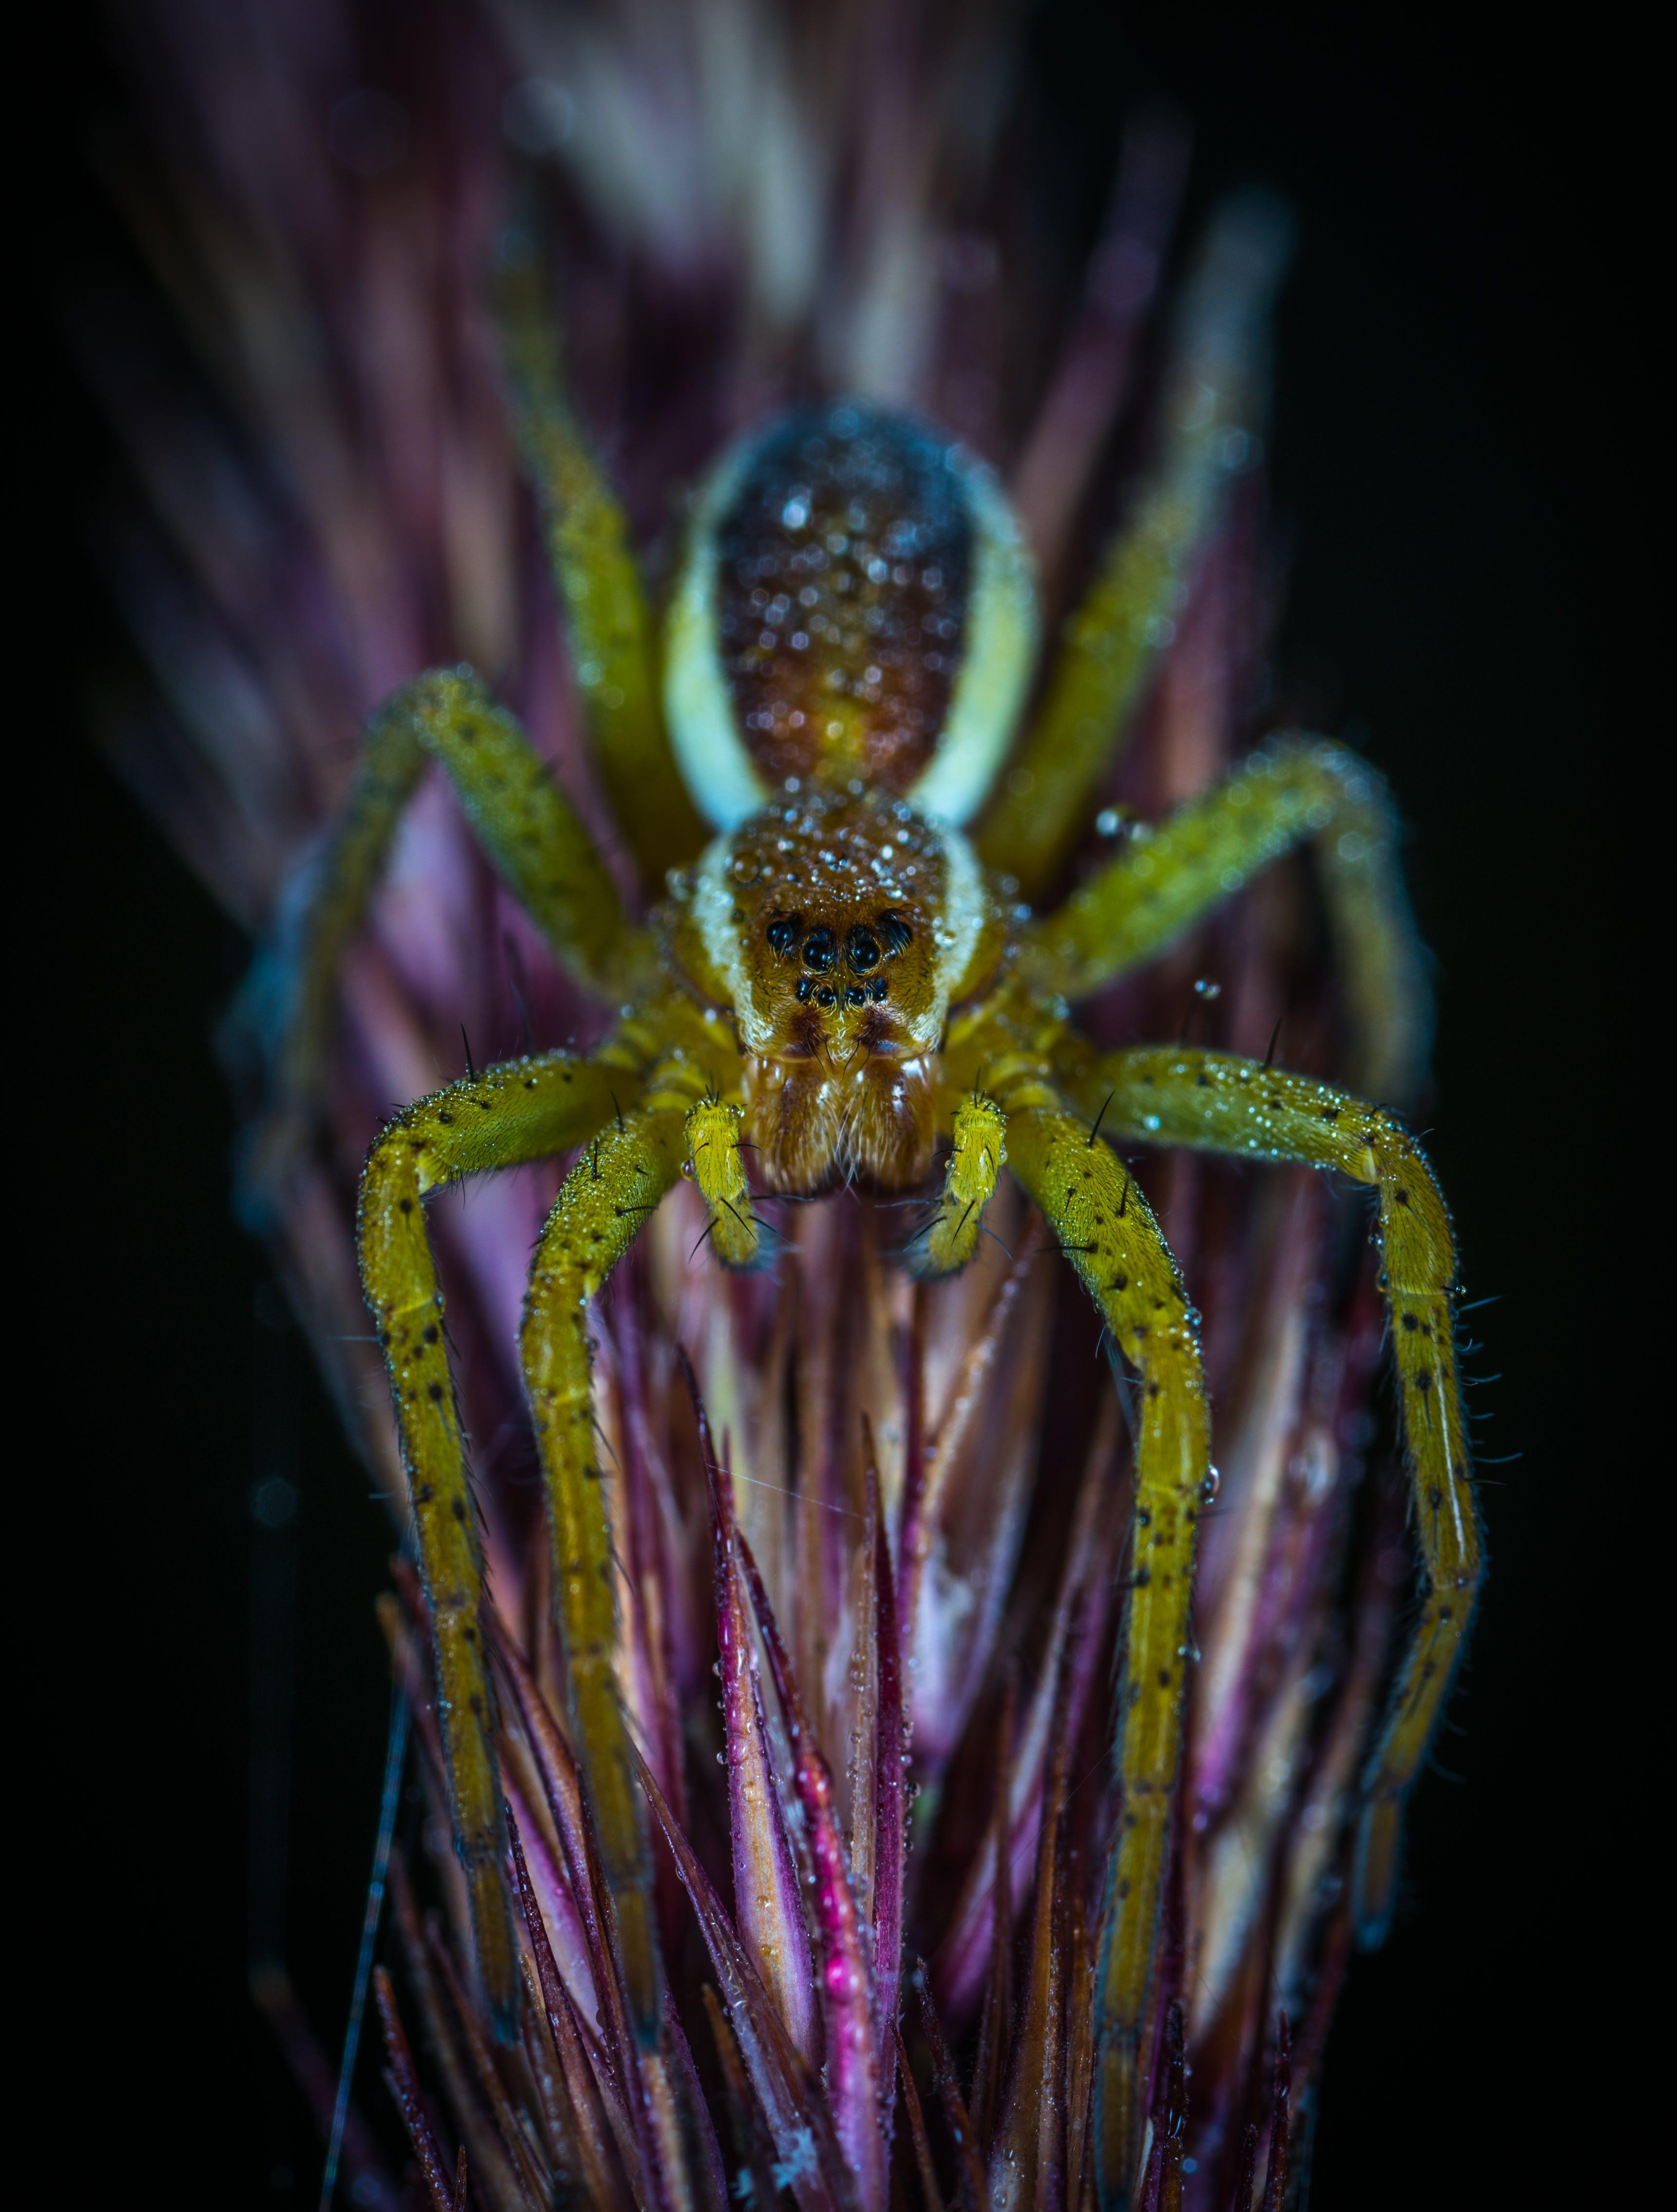 Kostnadsfri bild av biologi, blomma, dagg, djur